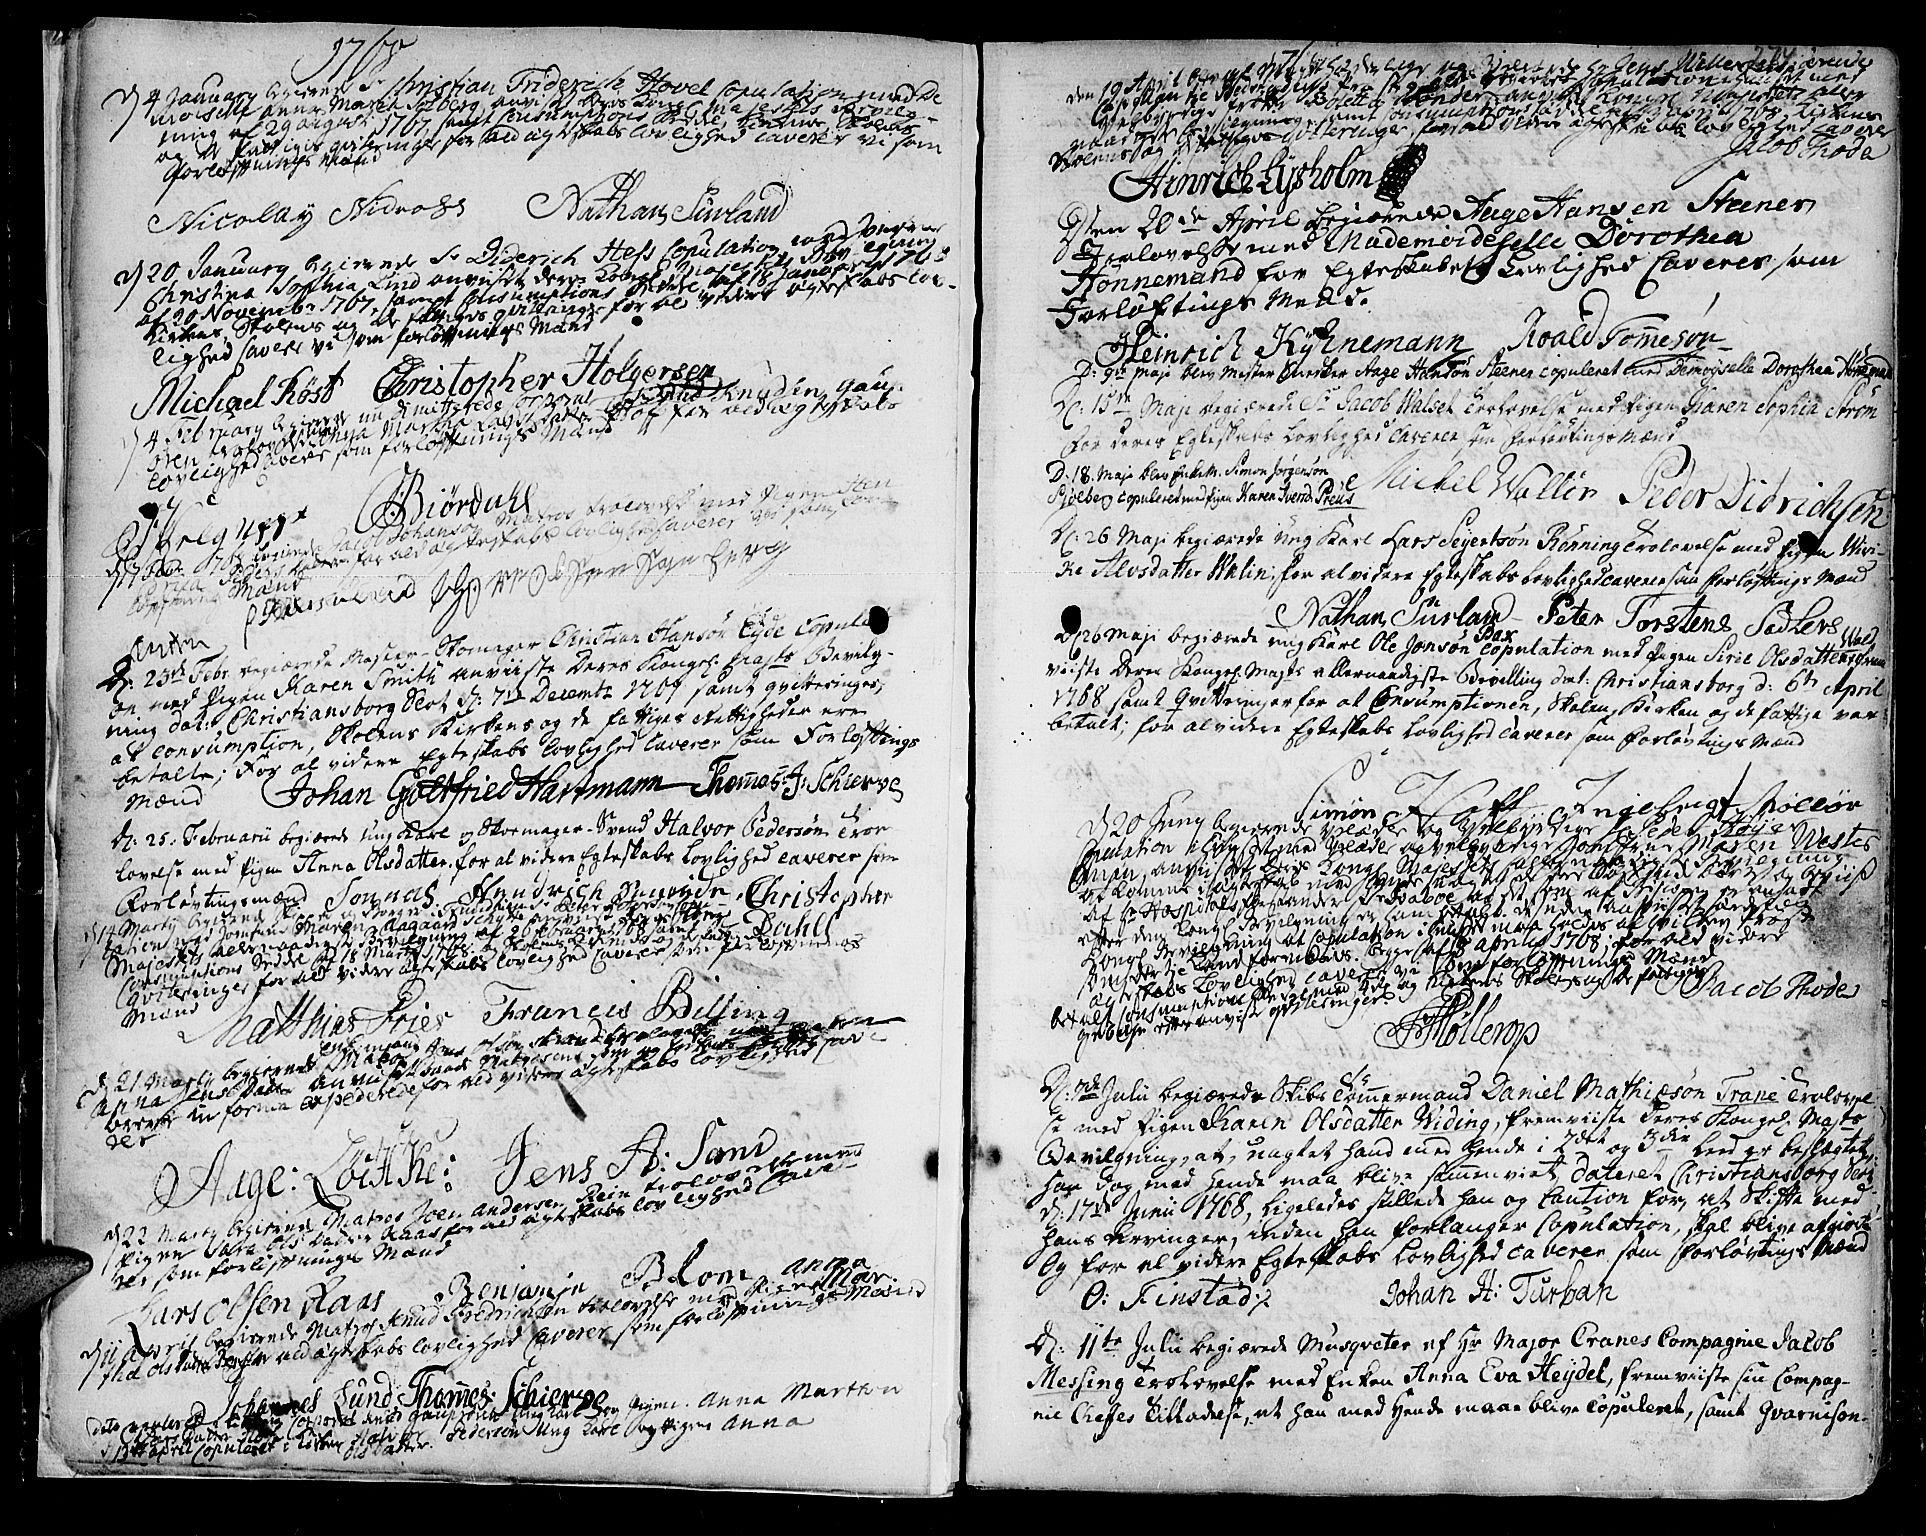 SAT, Ministerialprotokoller, klokkerbøker og fødselsregistre - Sør-Trøndelag, 601/L0038: Ministerialbok nr. 601A06, 1766-1877, s. 274